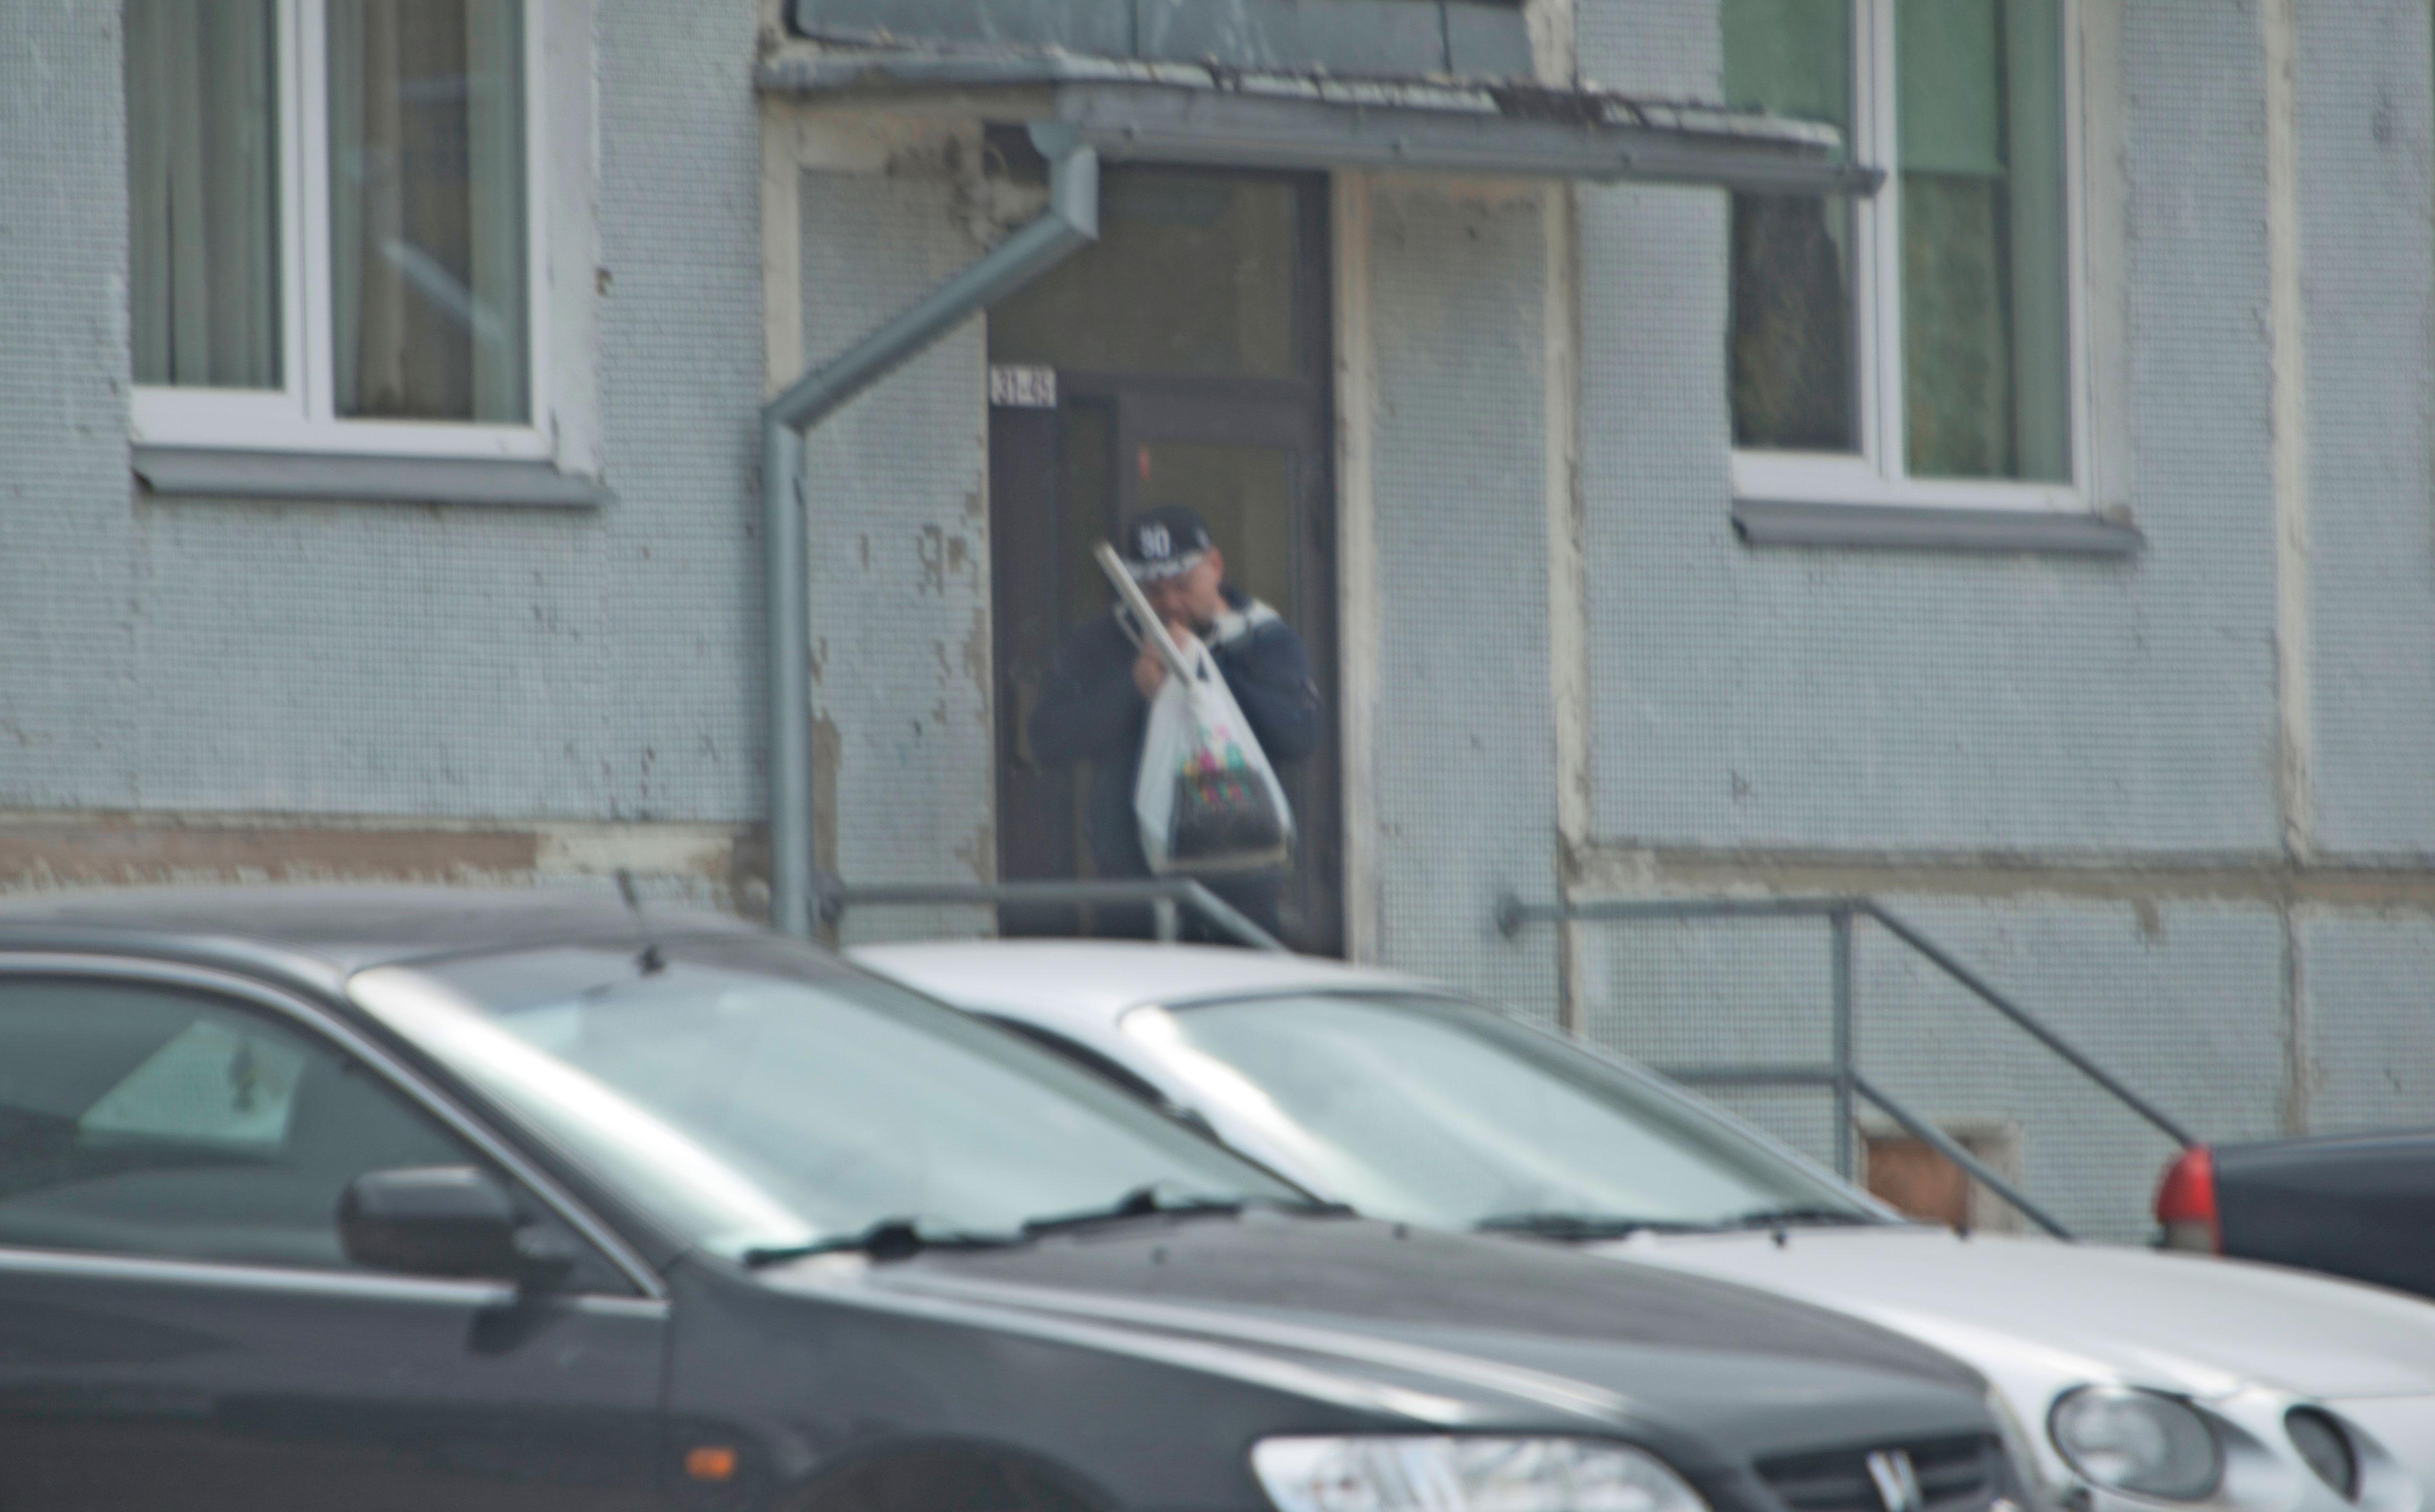 Siltsu tuli ulos Siimin äidin asunnolta ja pisti tupakaksi.